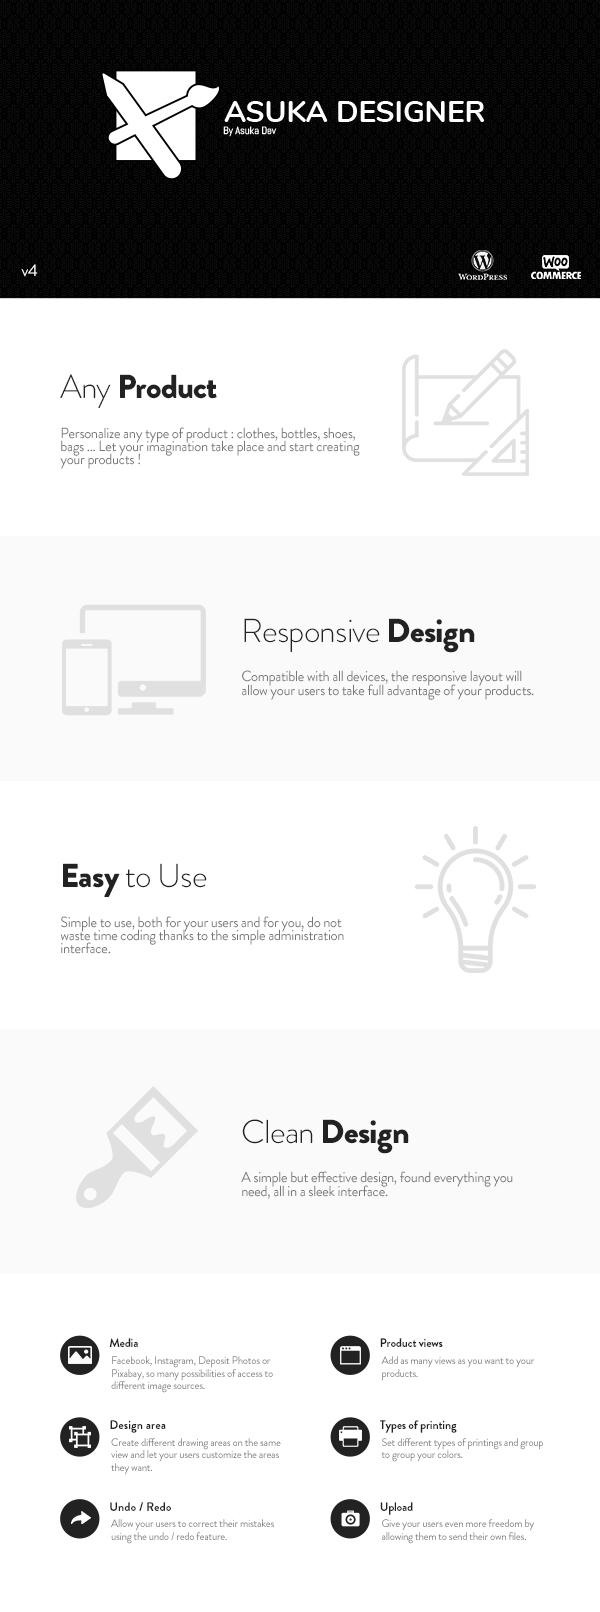 Asuka product designer - JavaScript - 1